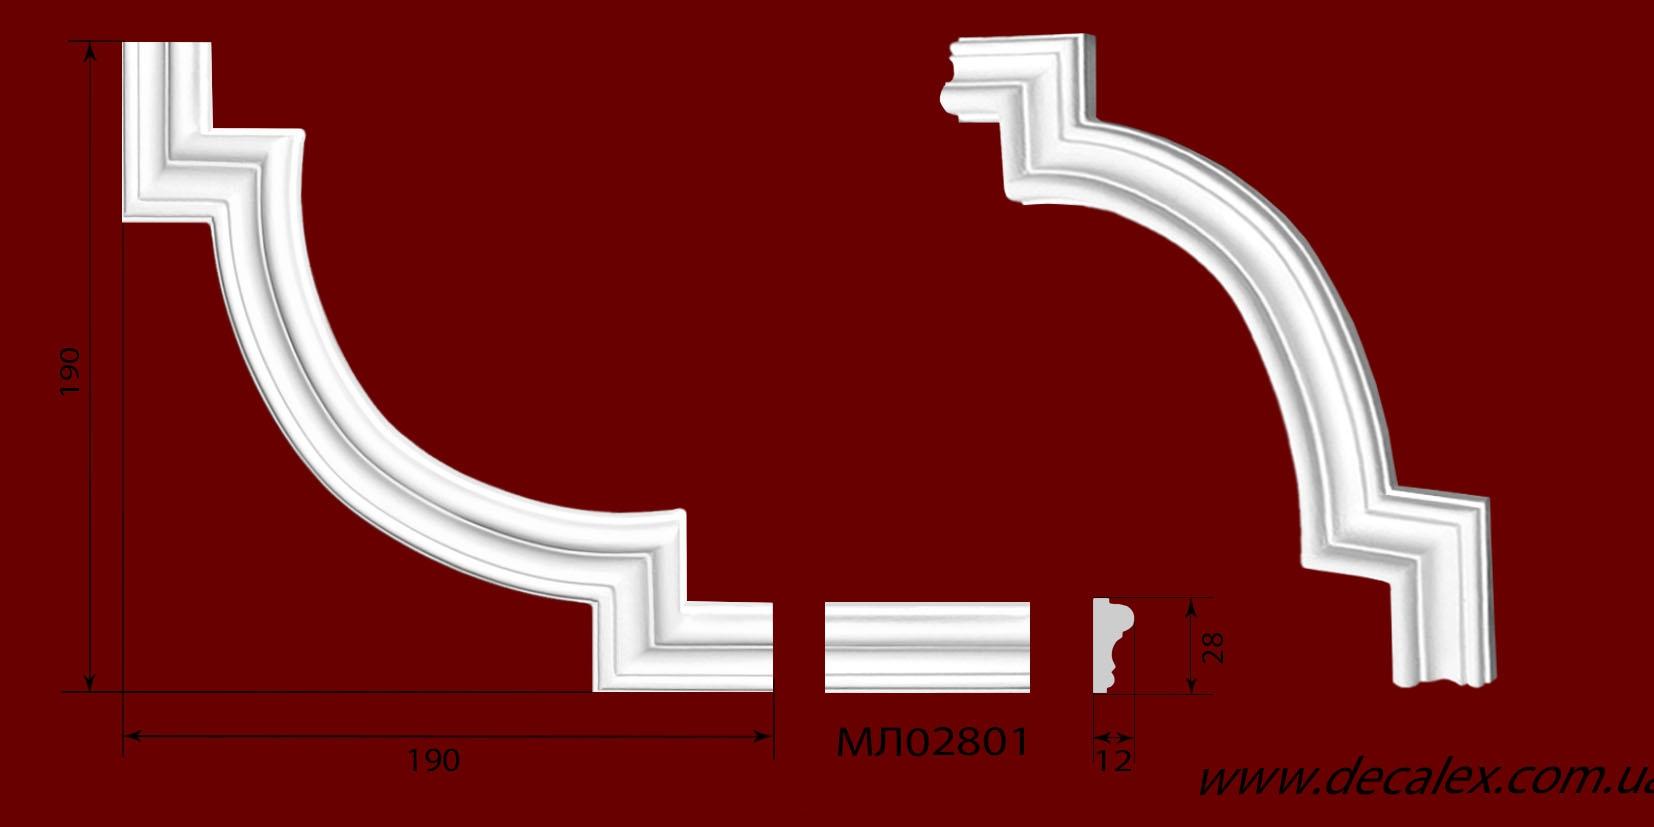 Код товара ГЛ02801-1. Угловой элемент из гипса шириной 28 мм., стыкуется с МЛ02801. Розничная цена 60 грн./шт.